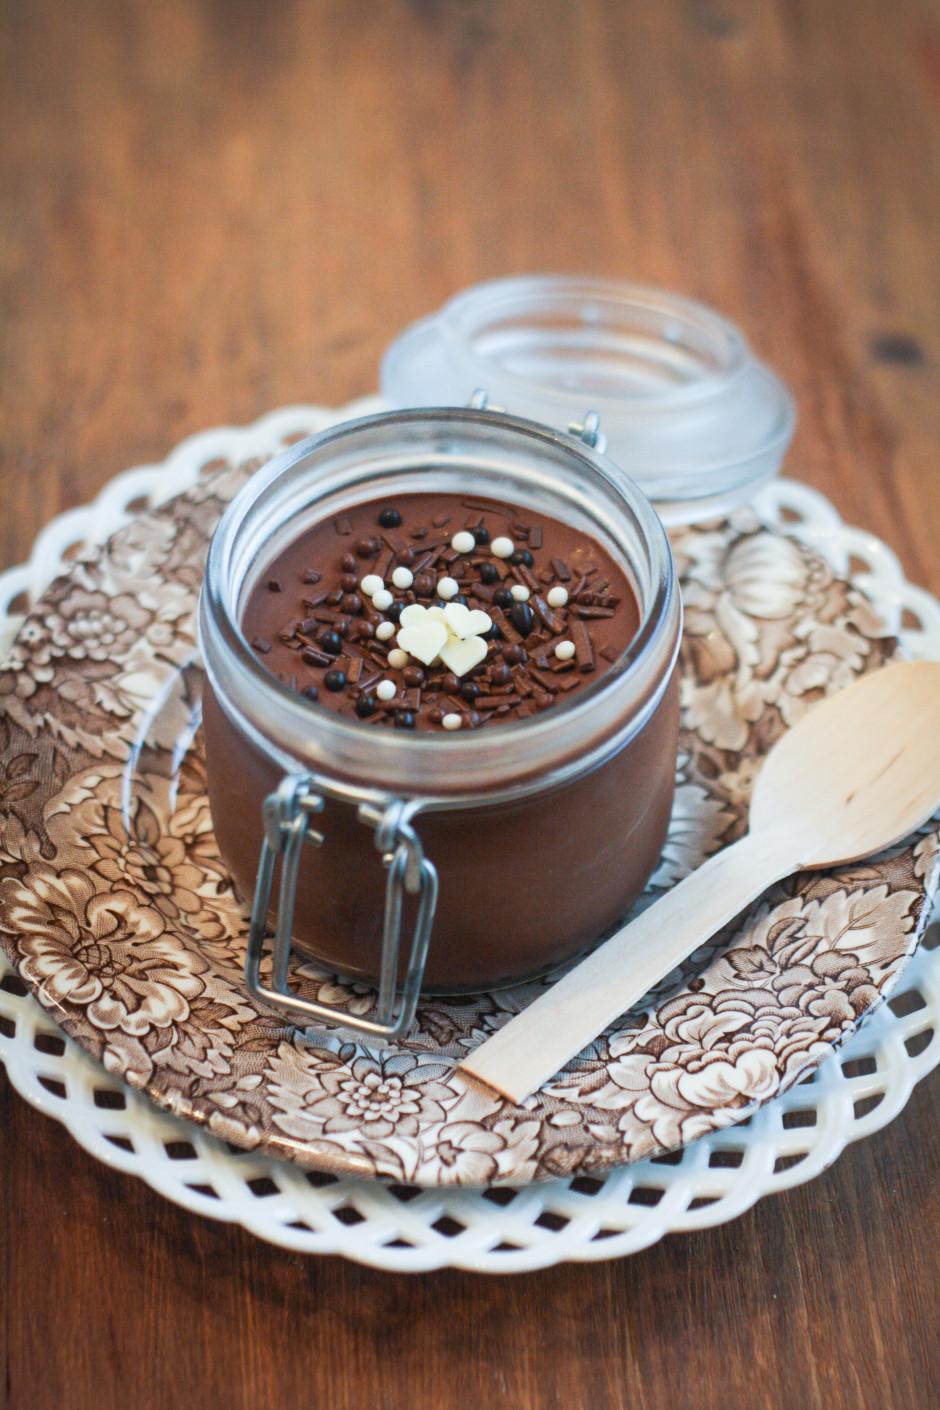 mousse al cioccolato fondente e acqua